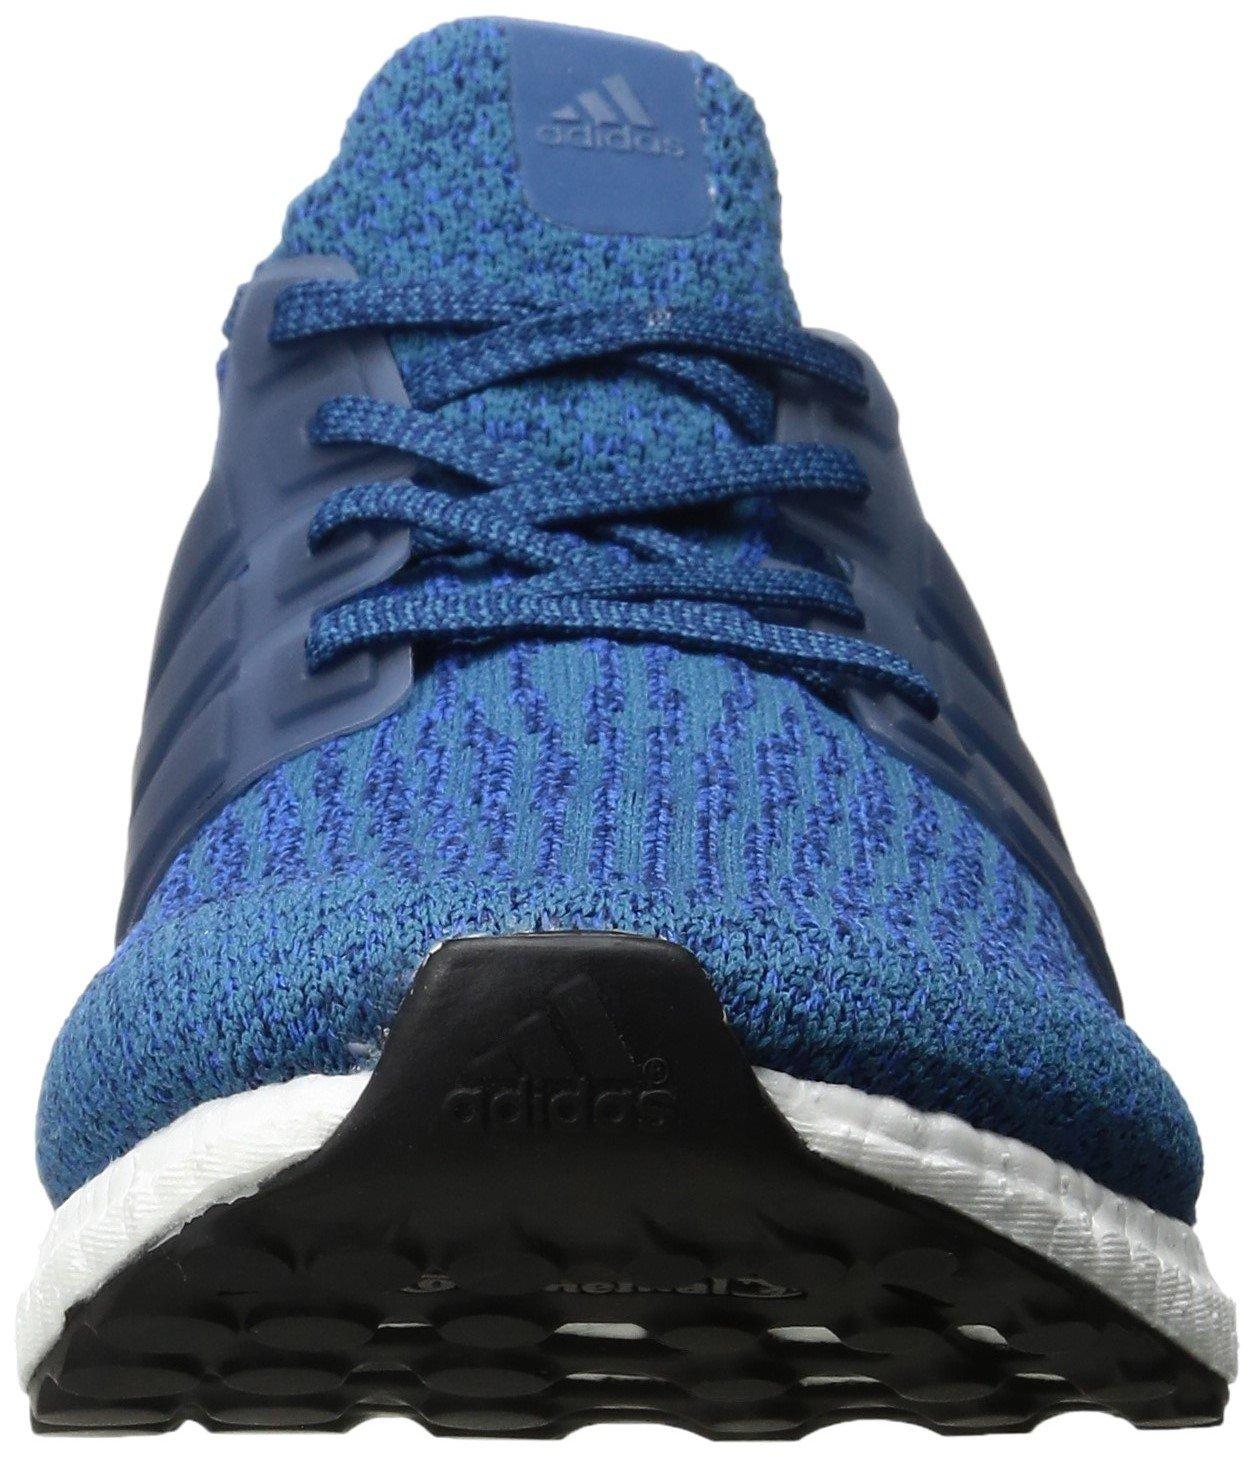 Zapatillas de running Adidas Performance Ultra Boost Mäns Ultra Boost Boost running Ultra M Blå a834c55 - allergistofbrug.website